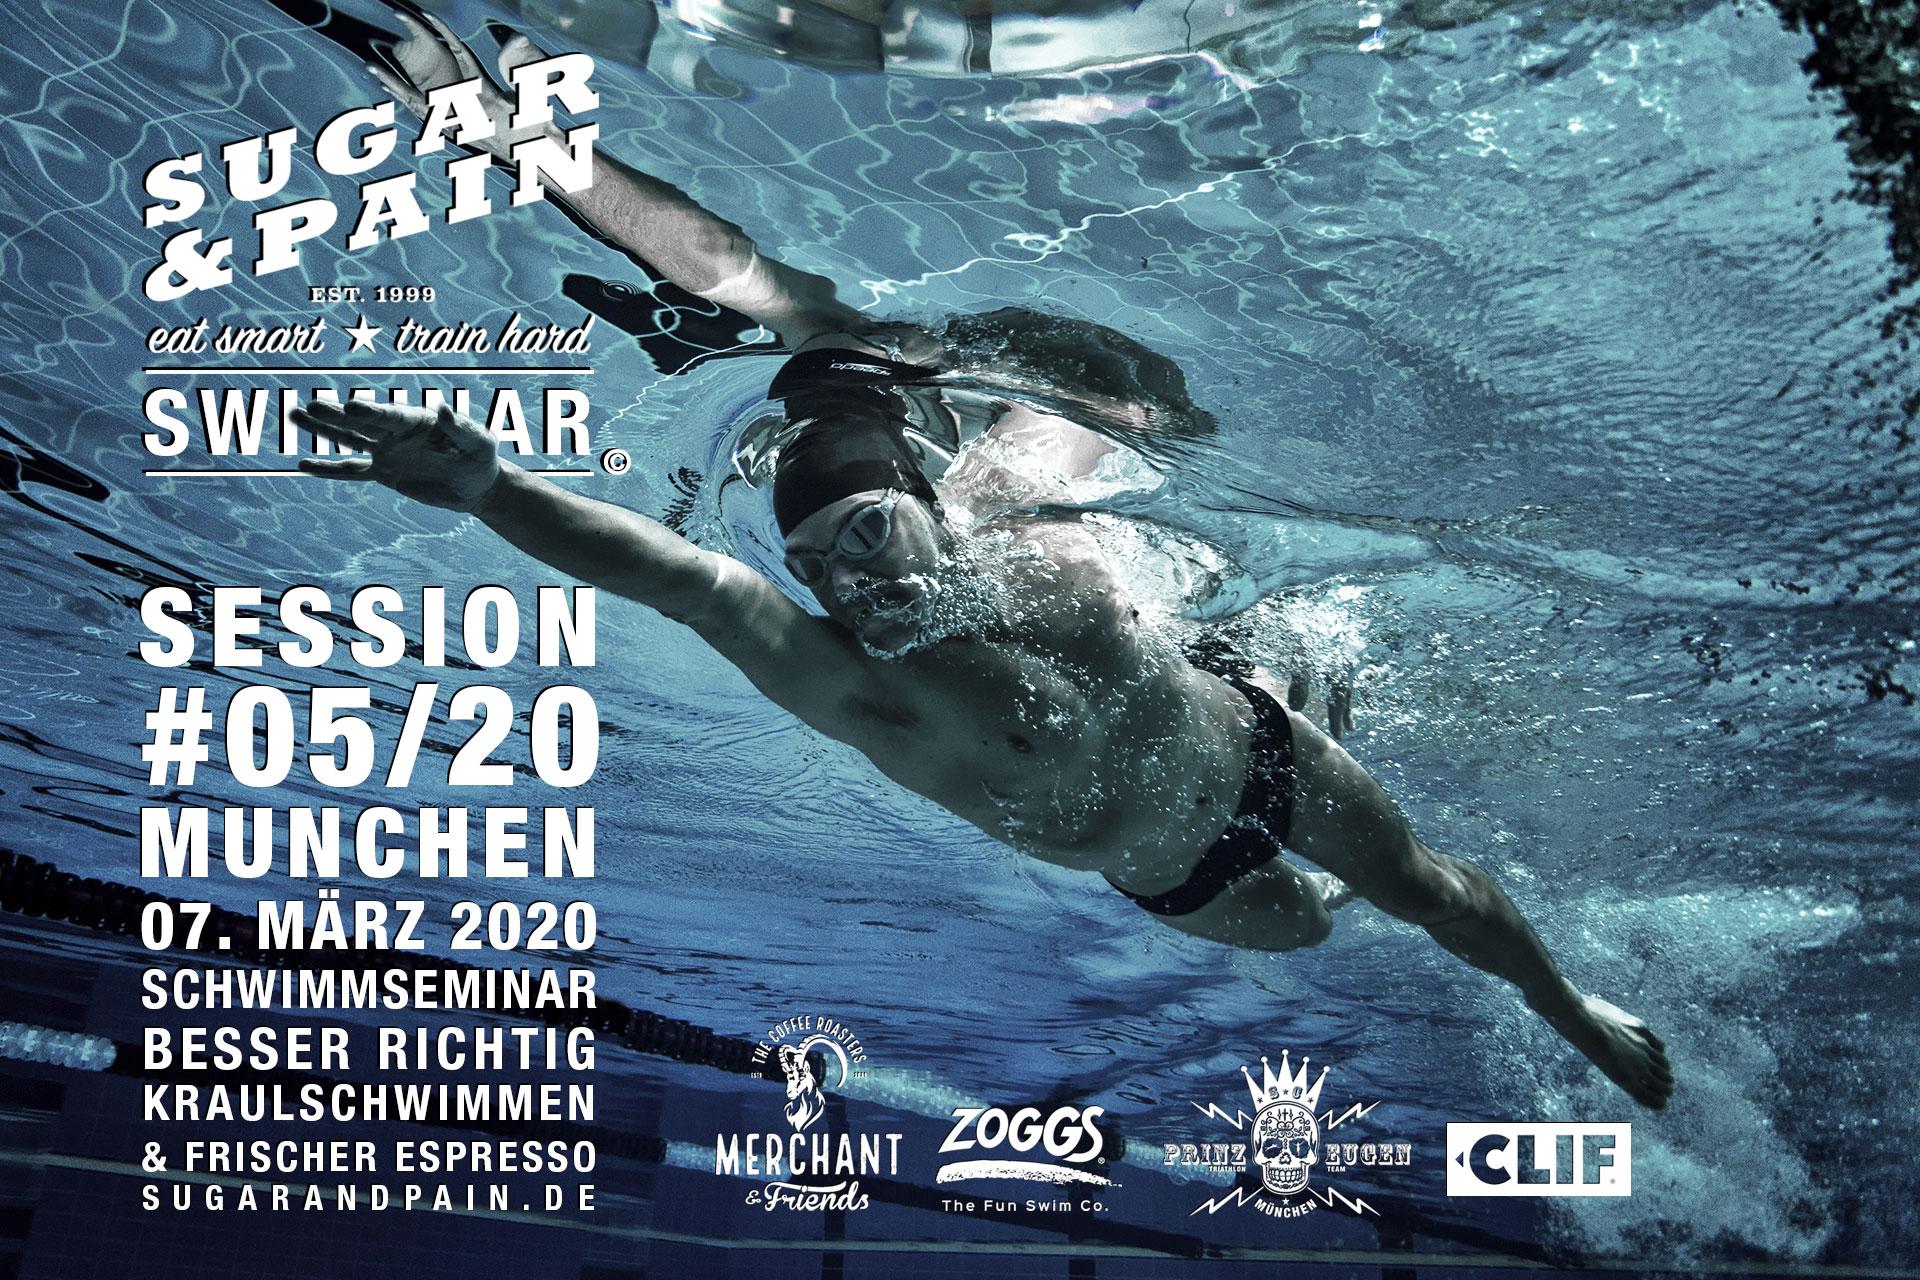 SUGAR & PAIN SWIMINAR #05/20 Session / Richtig Kraulschwimmen Training & Vortrag © stefandrexl.com